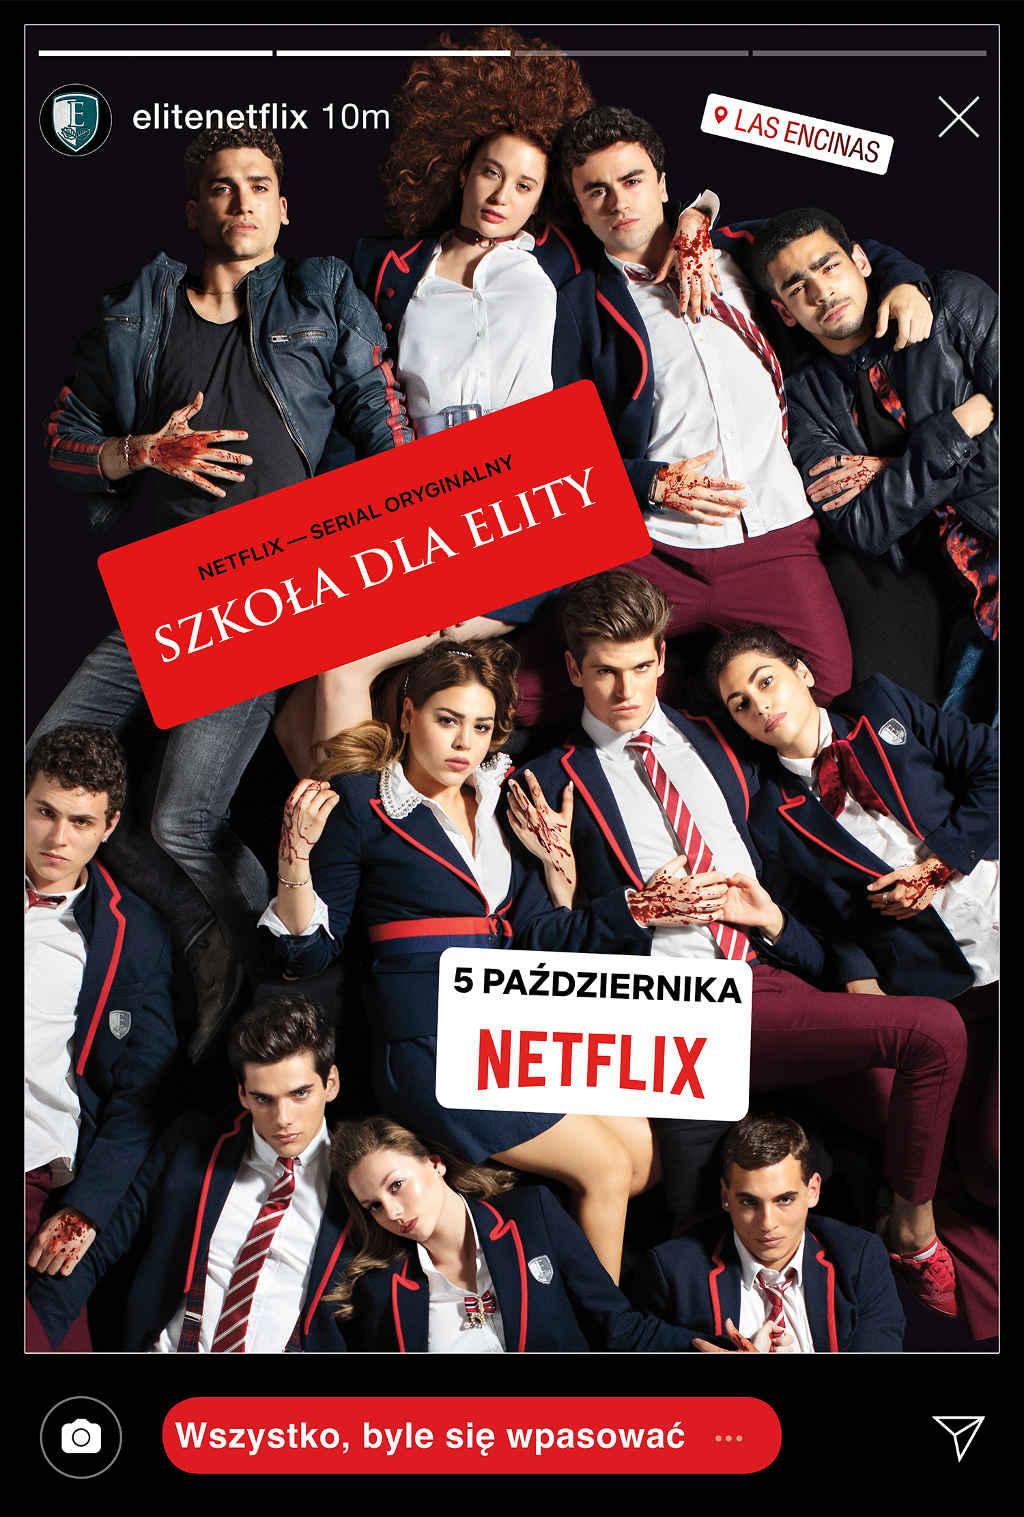 Netflix Elite / Szkola dla ElityS1